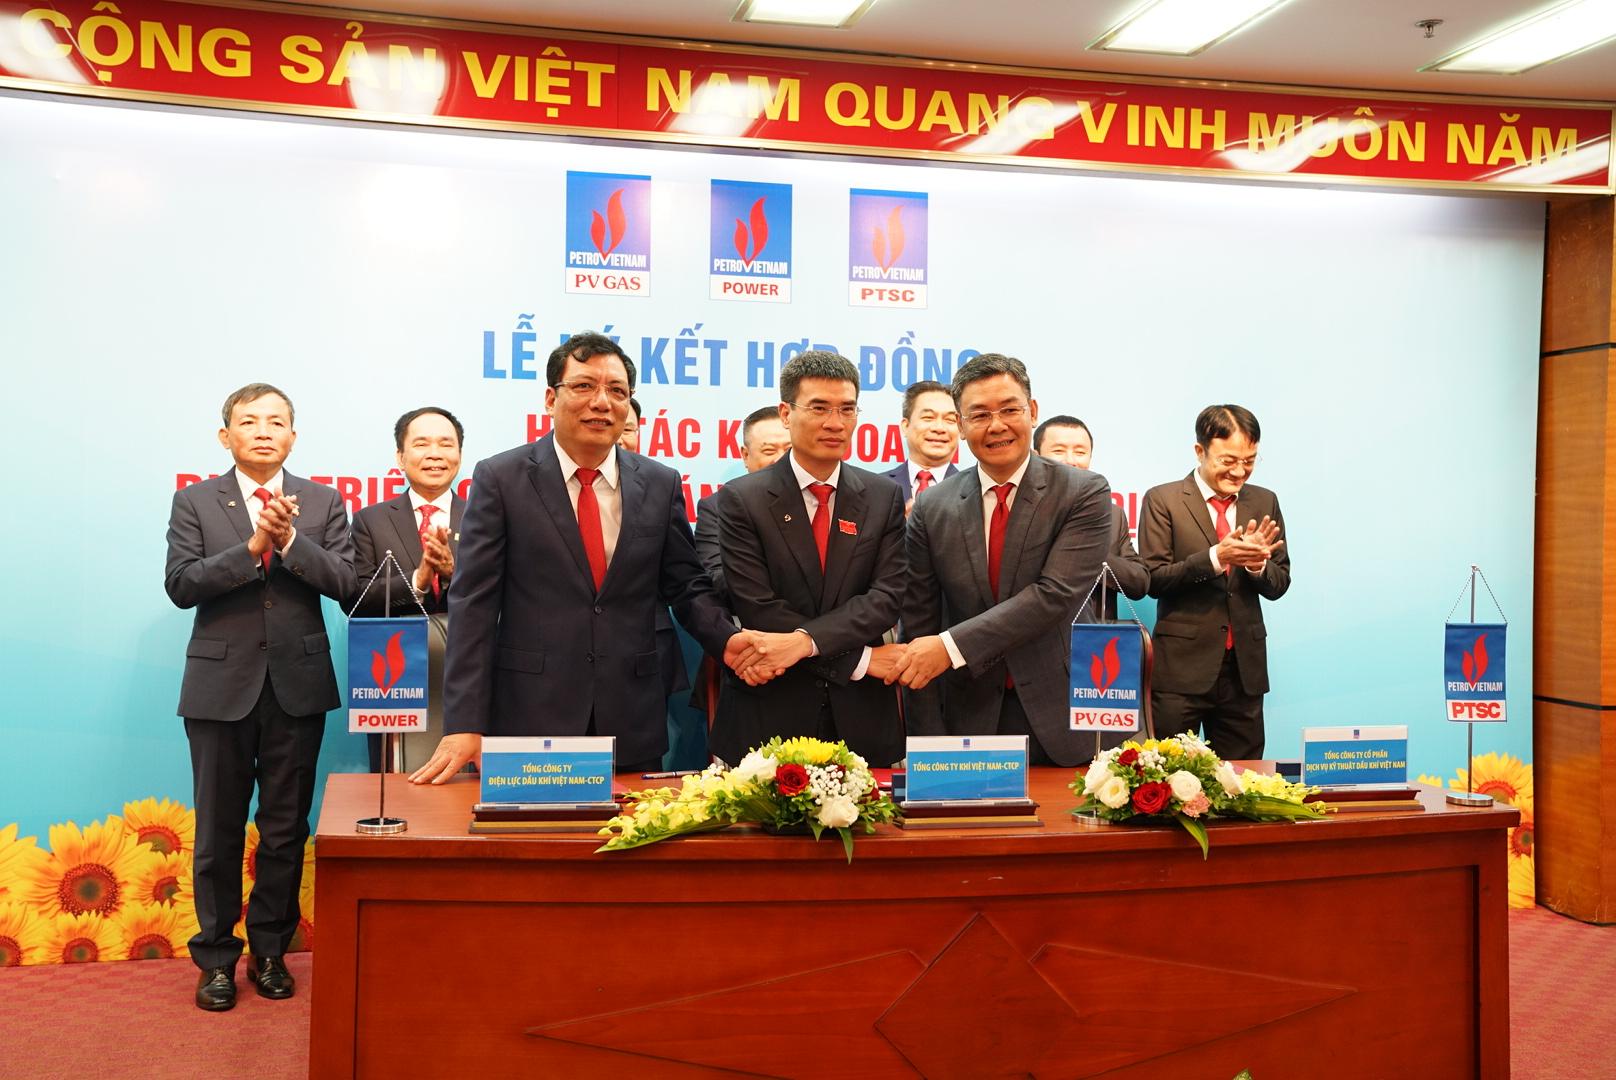 Nghi thức ký kết Hợp đồng hợp tác kinh doanh giữa 3 Tổng Công ty